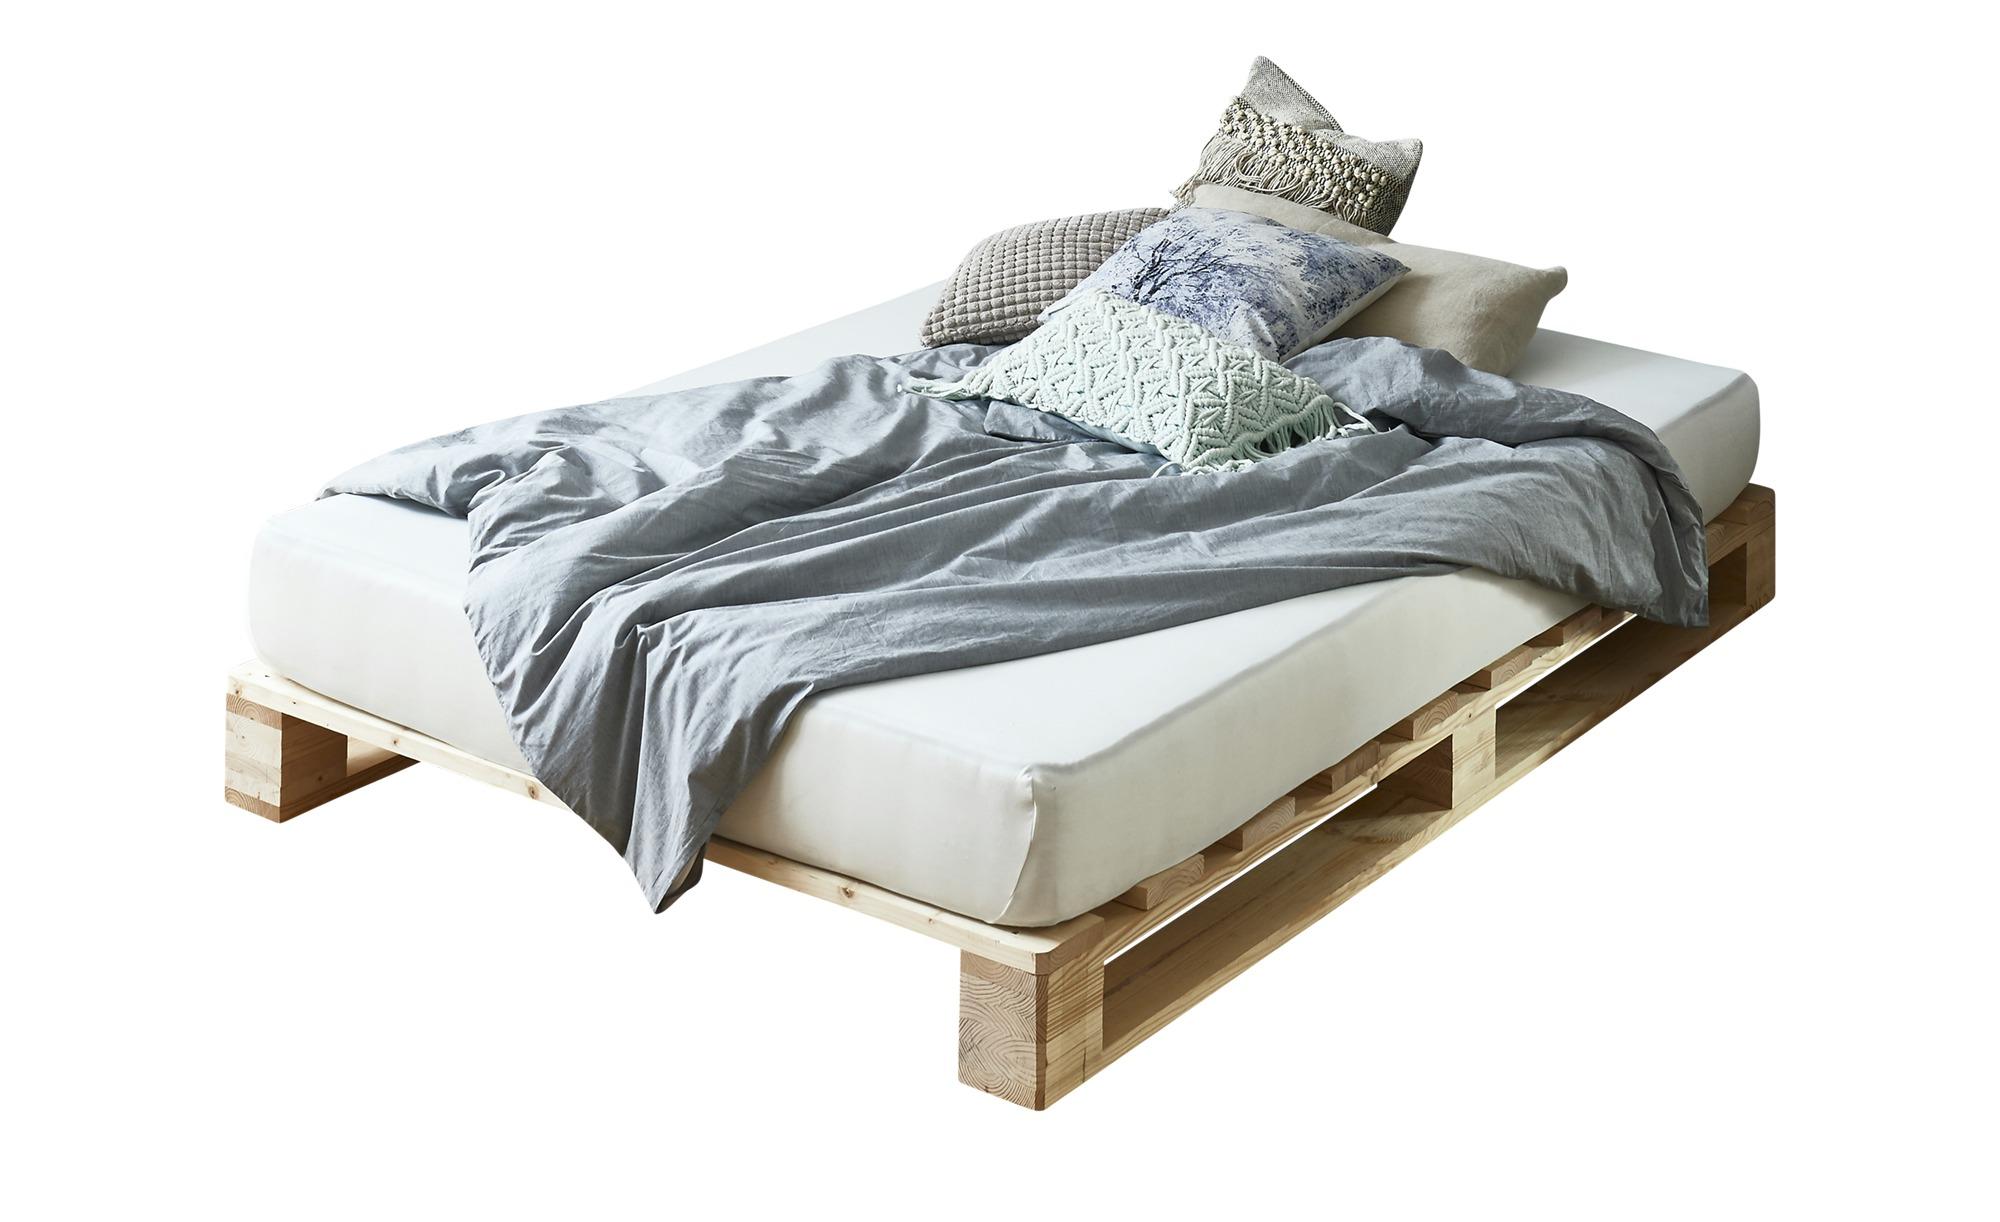 Palettenbett mit Matratze  Havering ¦ holzfarben ¦ Maße (cm): B: 140 H: 39 T: 200 Betten > Futonbetten - Höffner